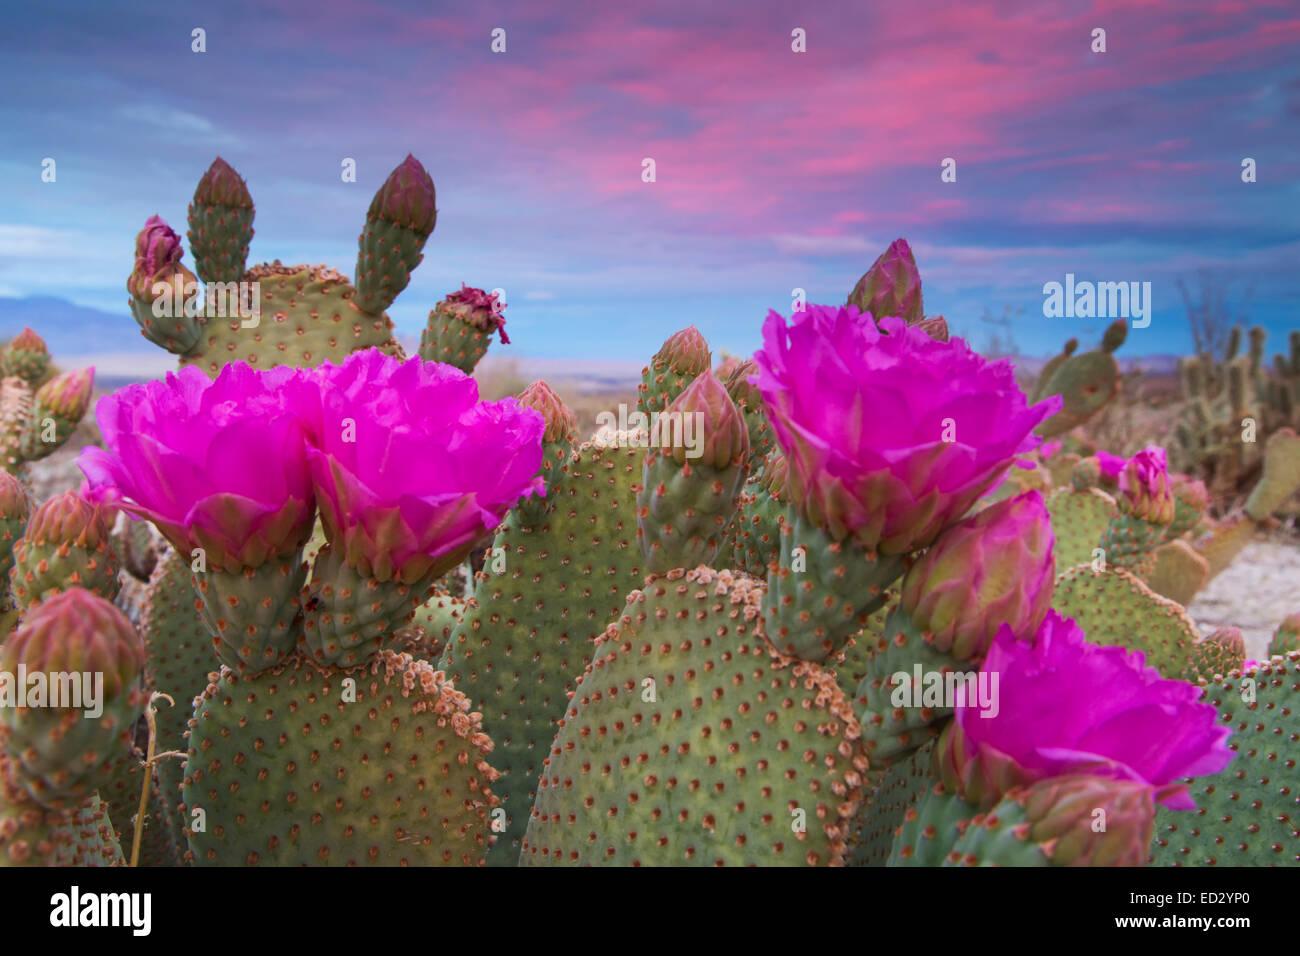 Beavertail Kaktus in Blüte, Anza-Borrego Desert State Park, Kalifornien. Stockbild